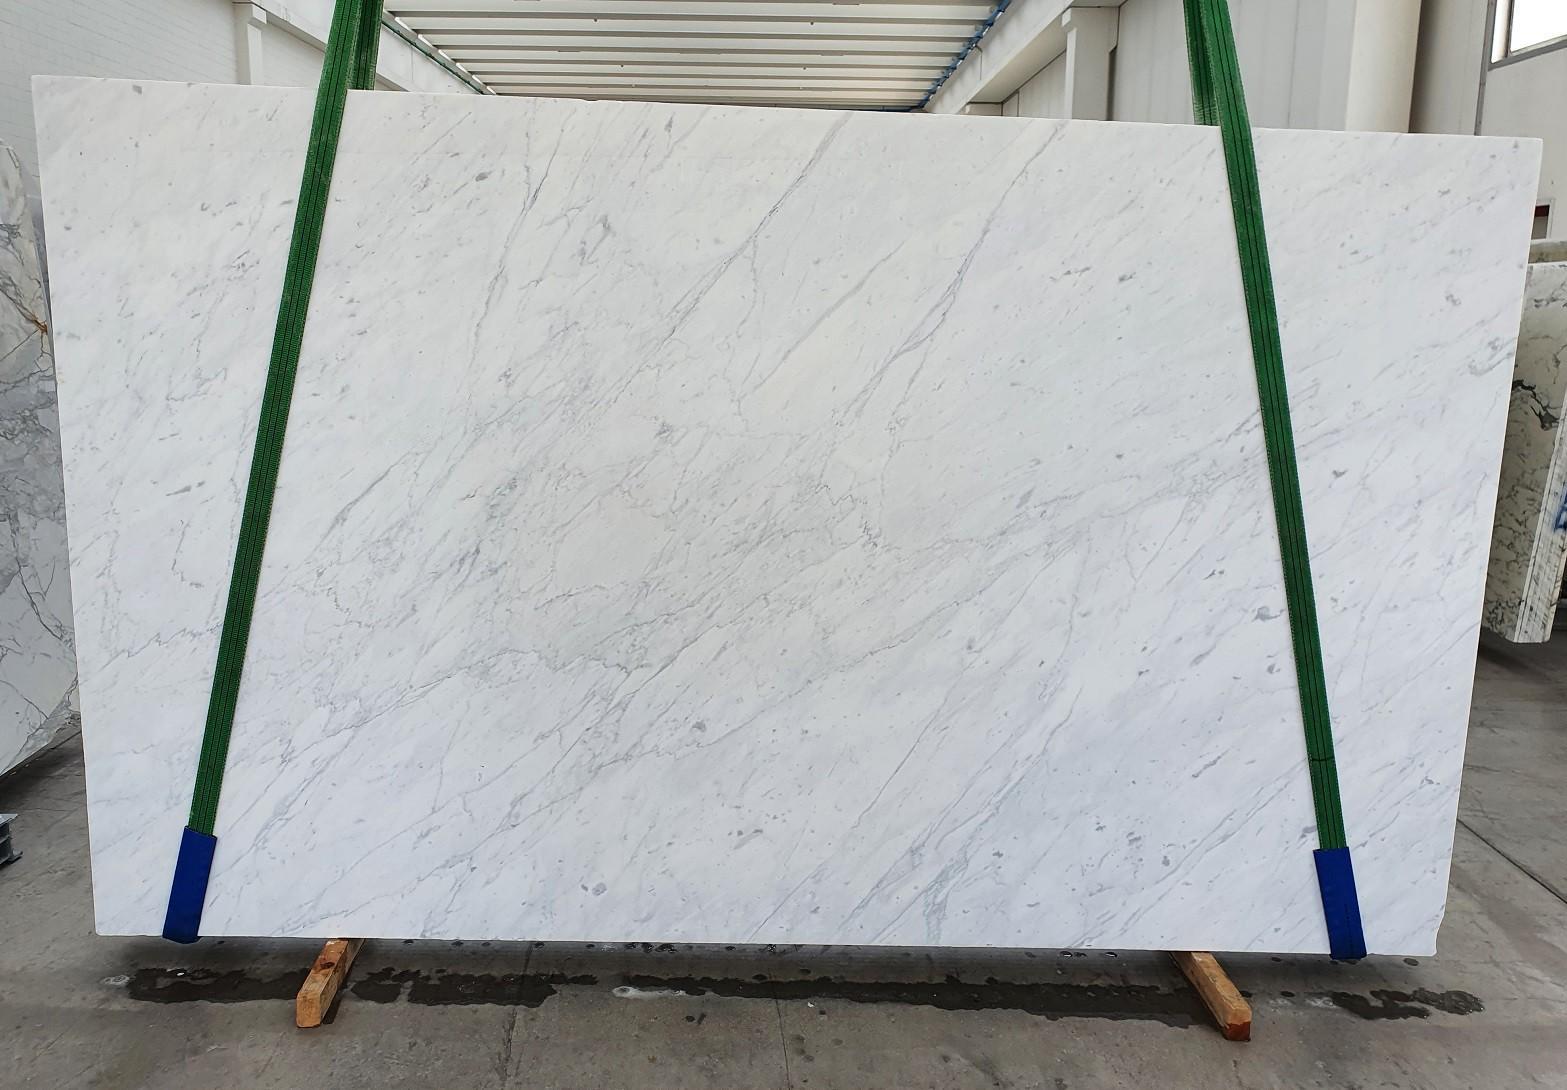 BIANCO CARRARA C Suministro Veneto (Italia) de planchas pulidas en mármol natural 1441 , Slab #26